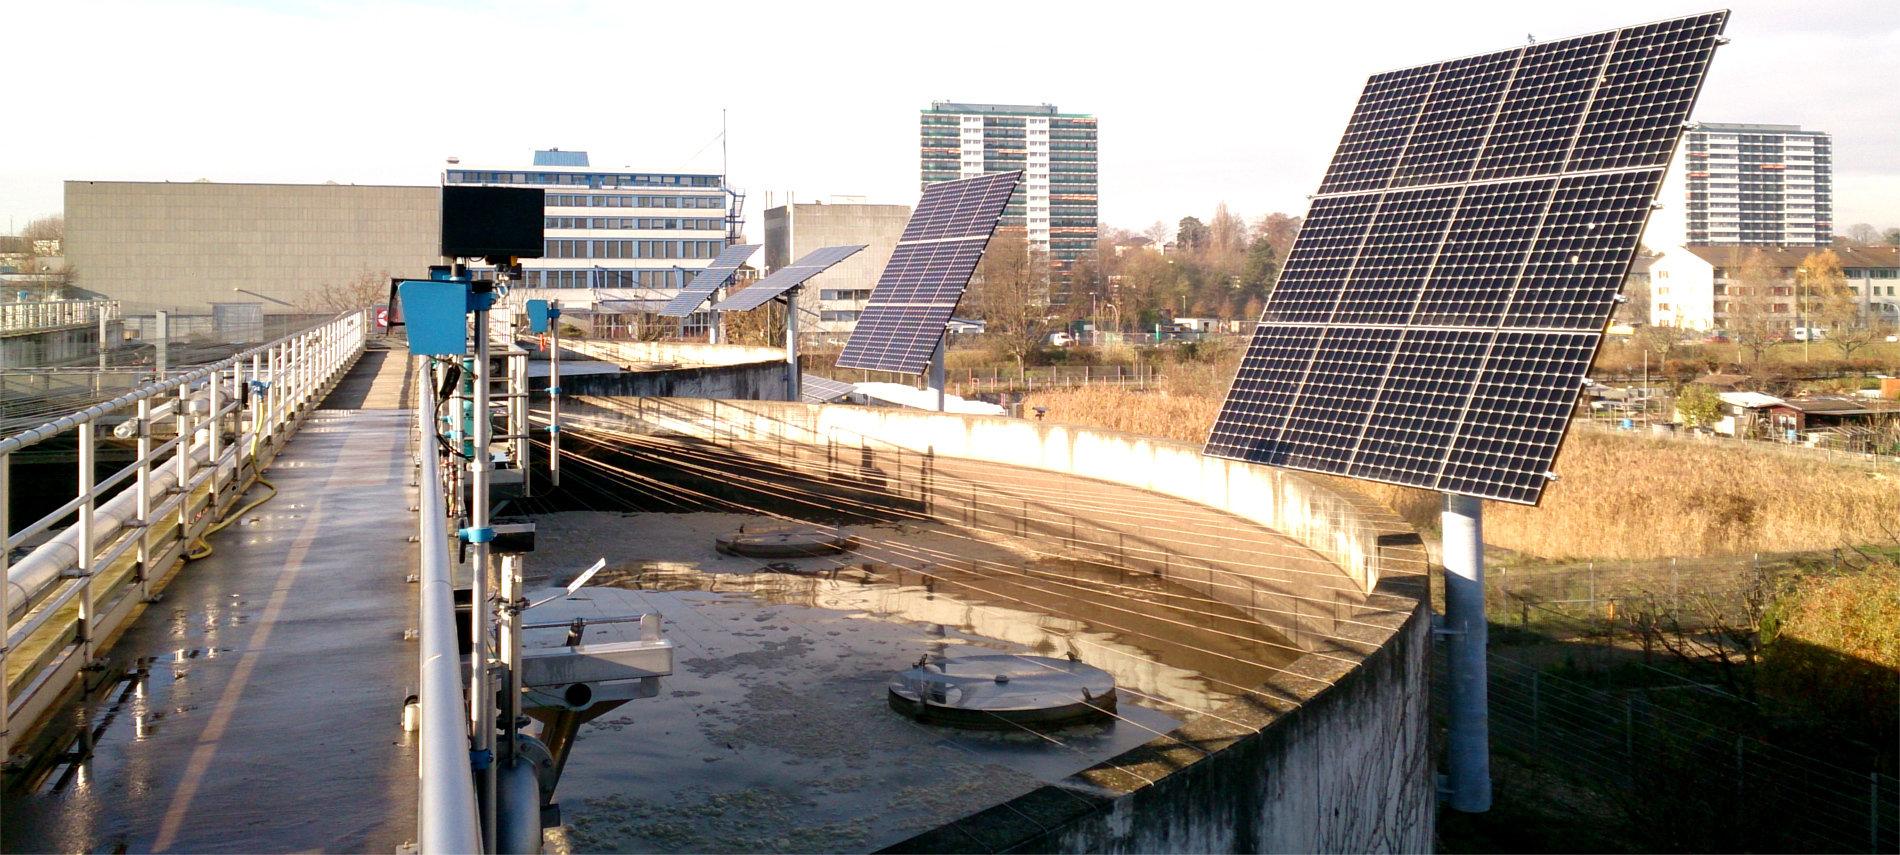 myCleantechSolarTracker™ Solaranalage - Kläranlage in der Schweiz